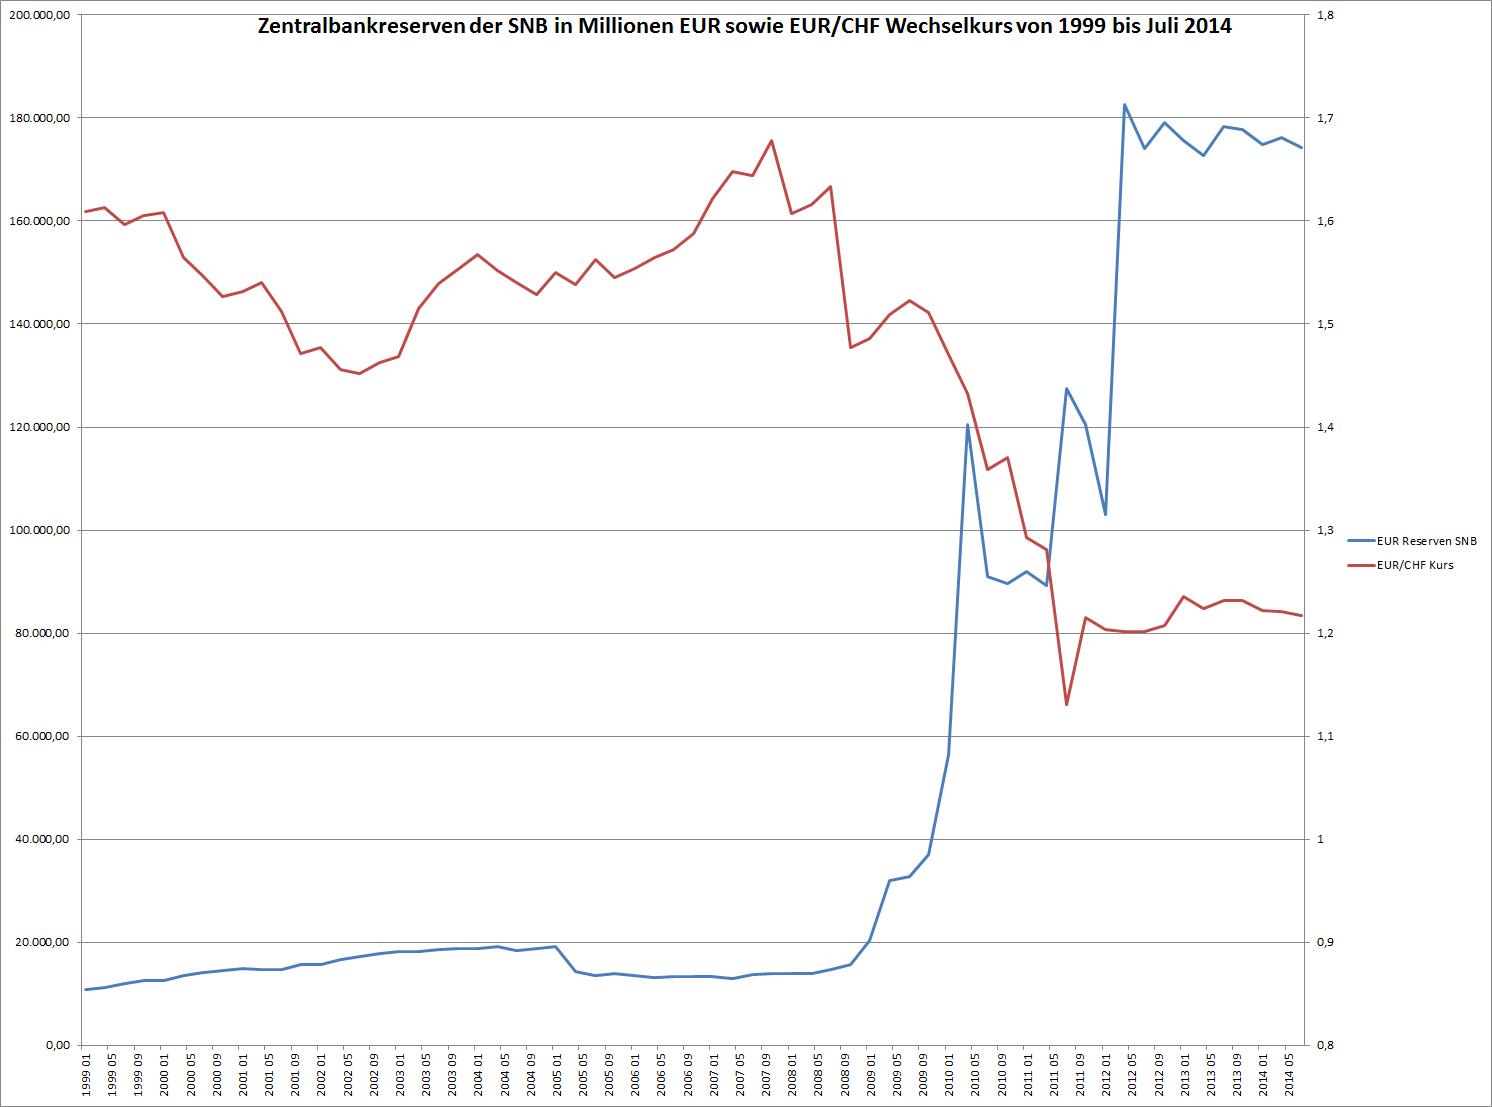 Euro-Reserven der SNB (blau) und Welchelkurs EUR(/CHF (rot) vom 1.1.1999 bis 31.7.2014